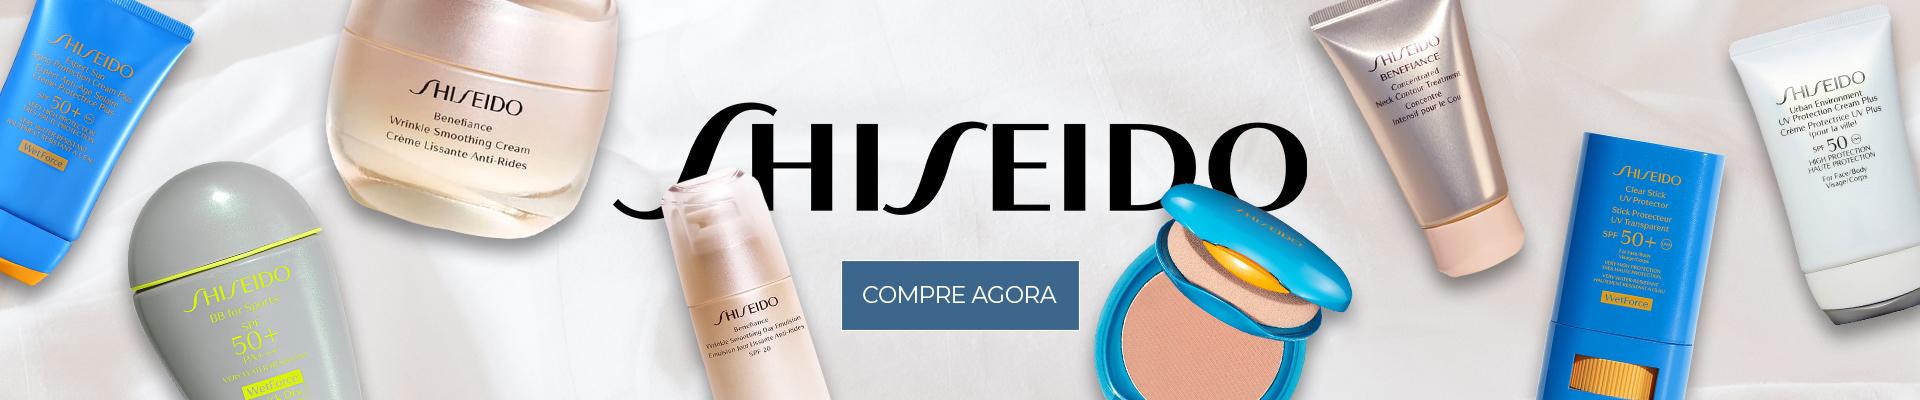 Banner Desk Shiseido